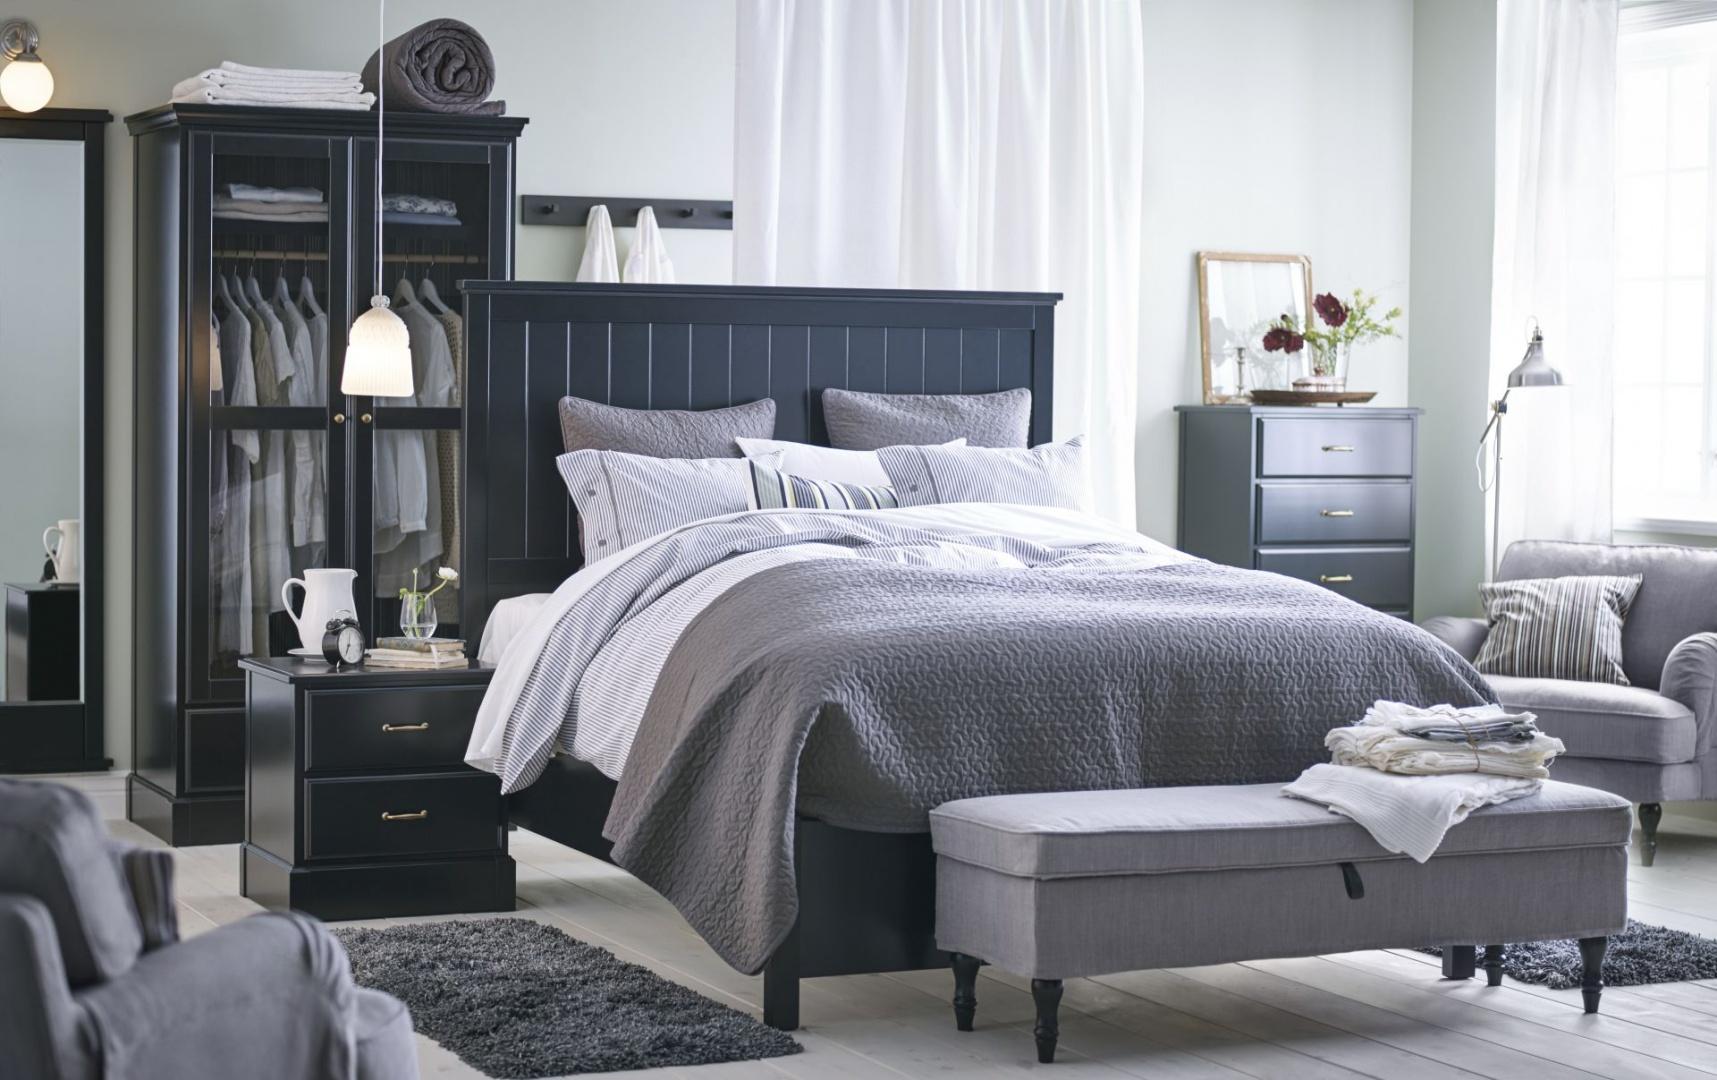 Интерьер элитного отеля в вашей спальне